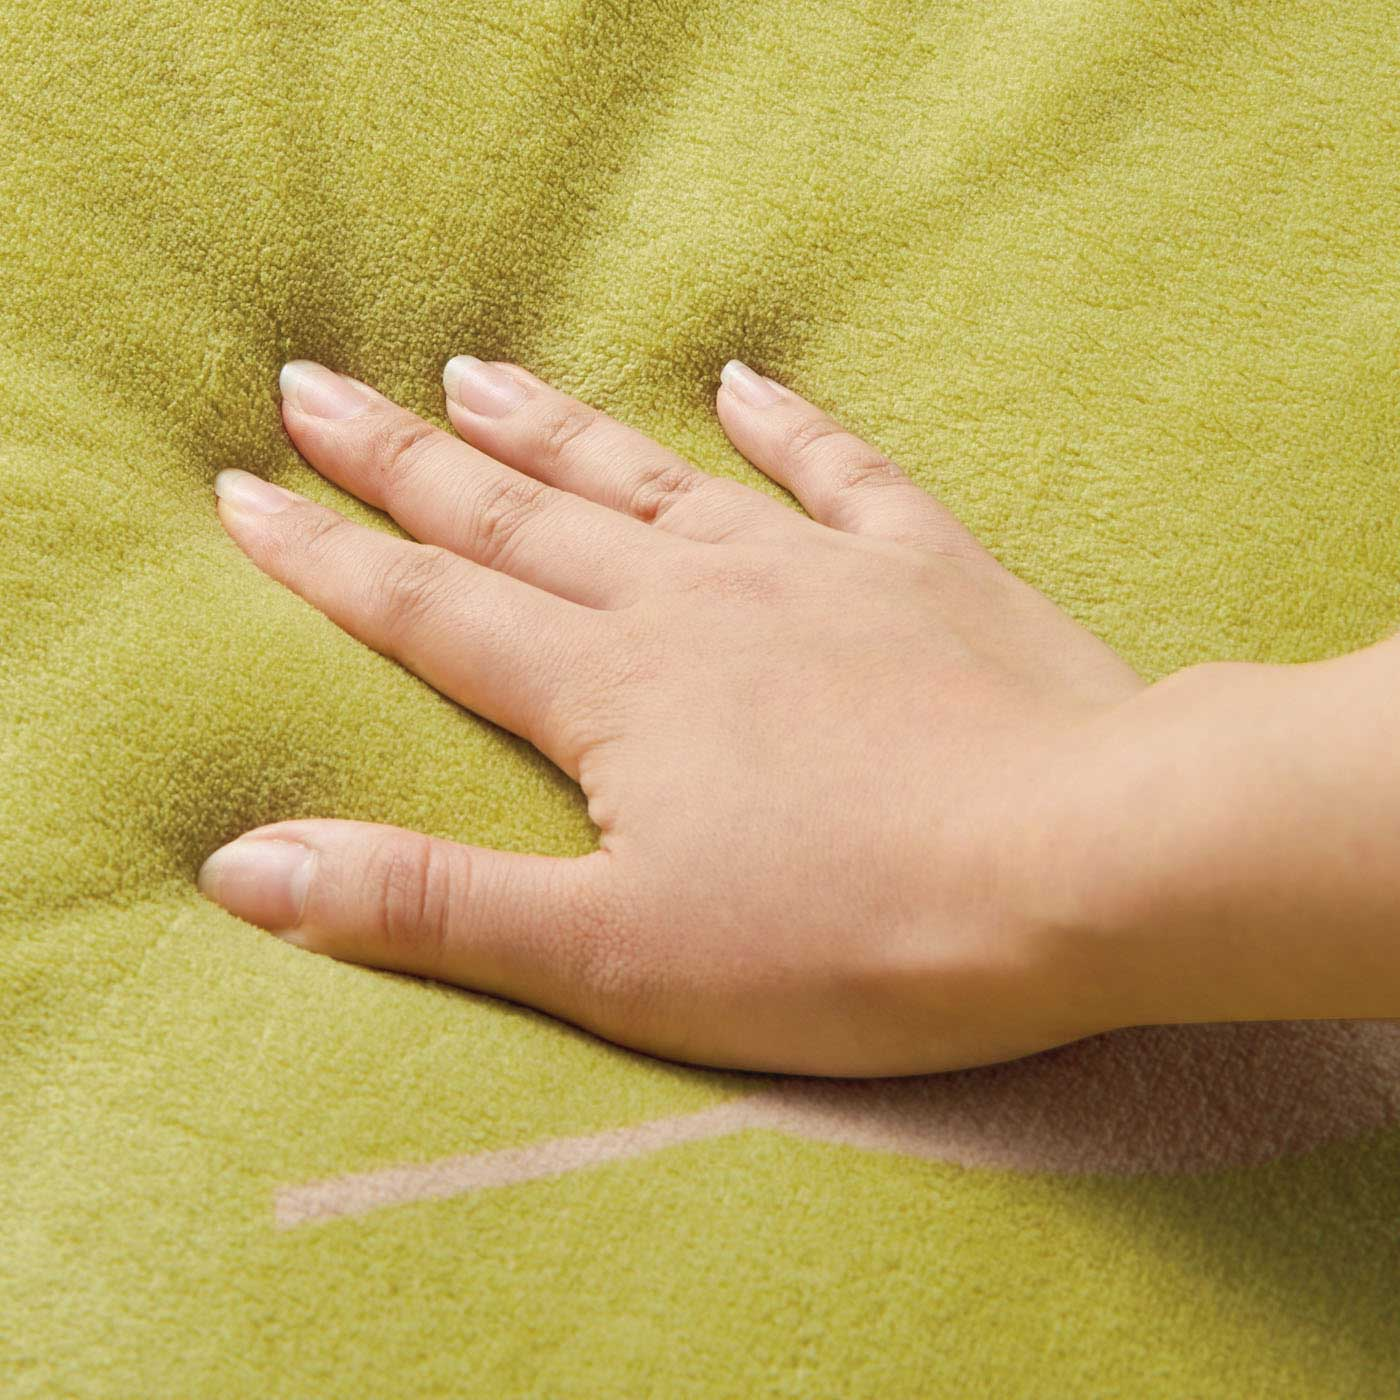 〈表側〉しっとり滑らかな超極細繊維のマイクロファイバー。とろけるような肌ざわりで、寝心地のよさを高めます。